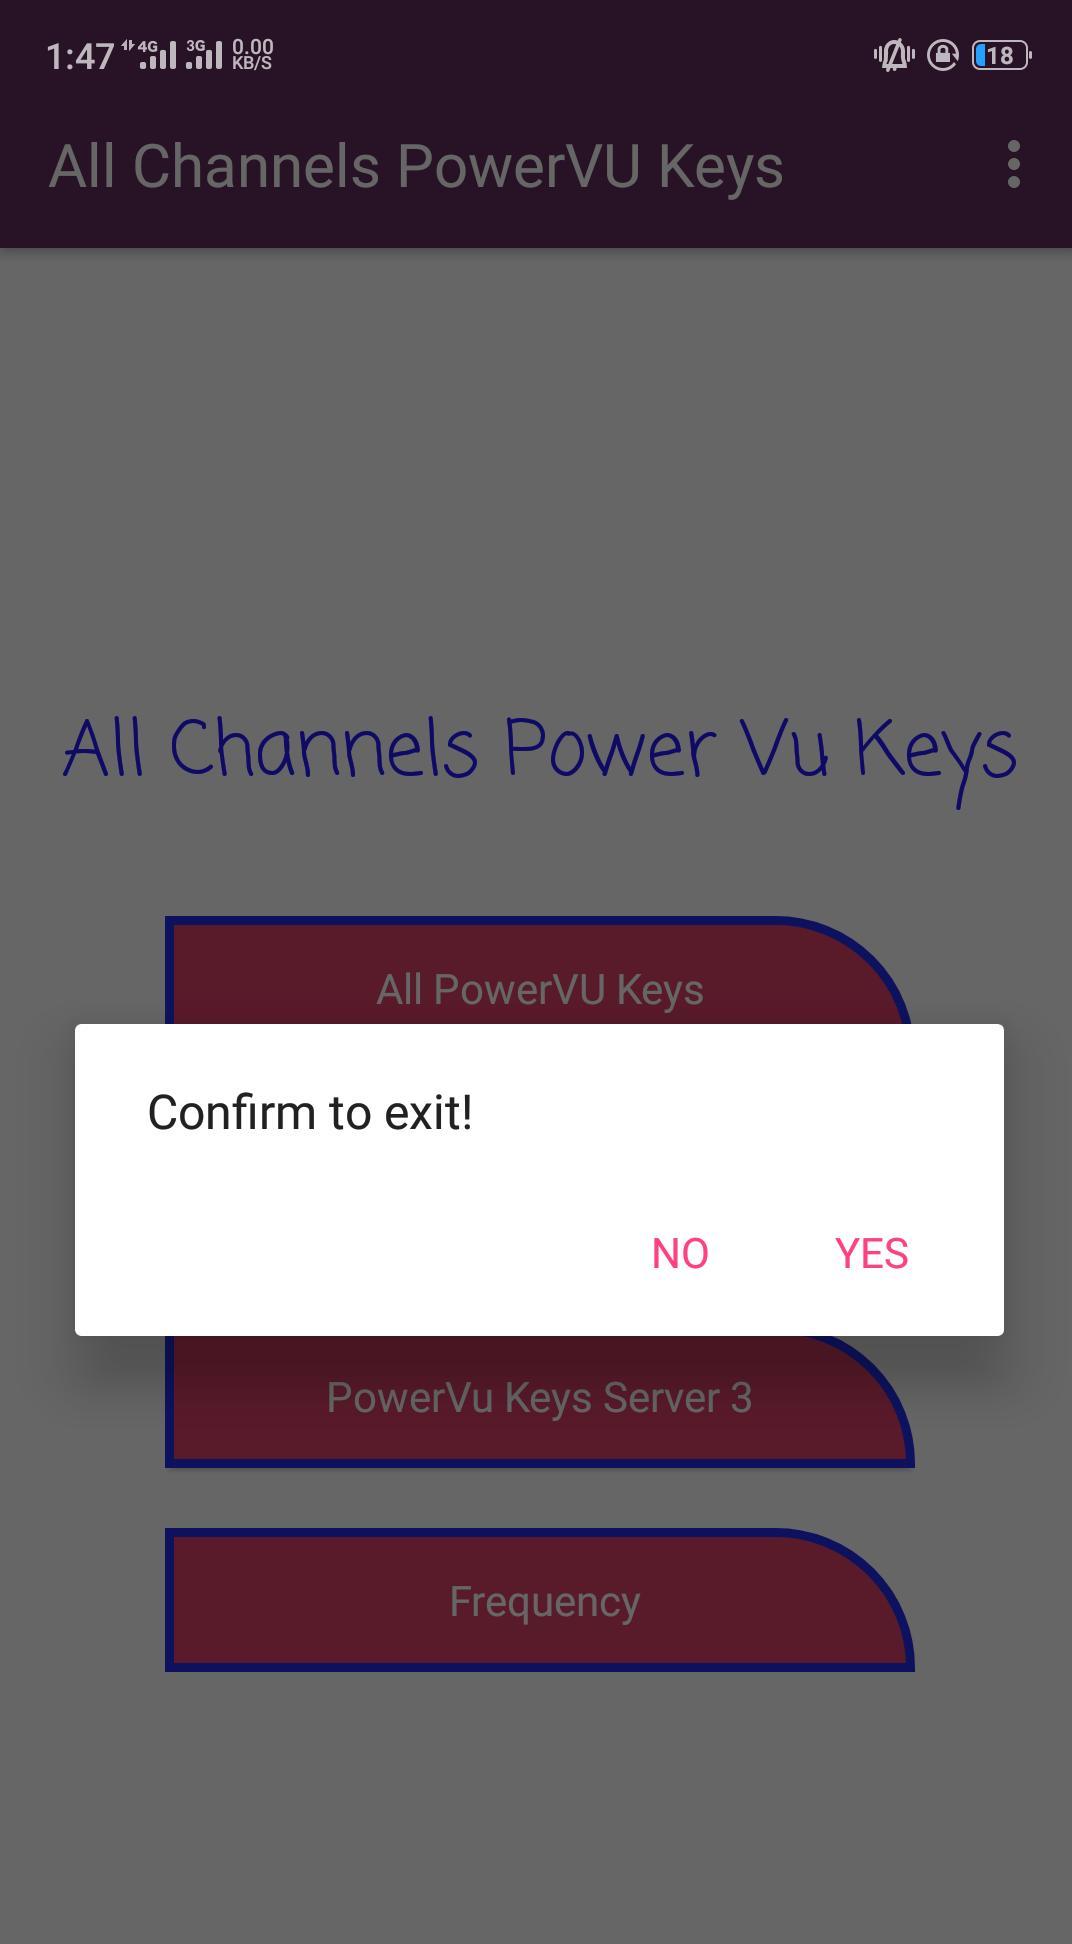 New Powervu Keys